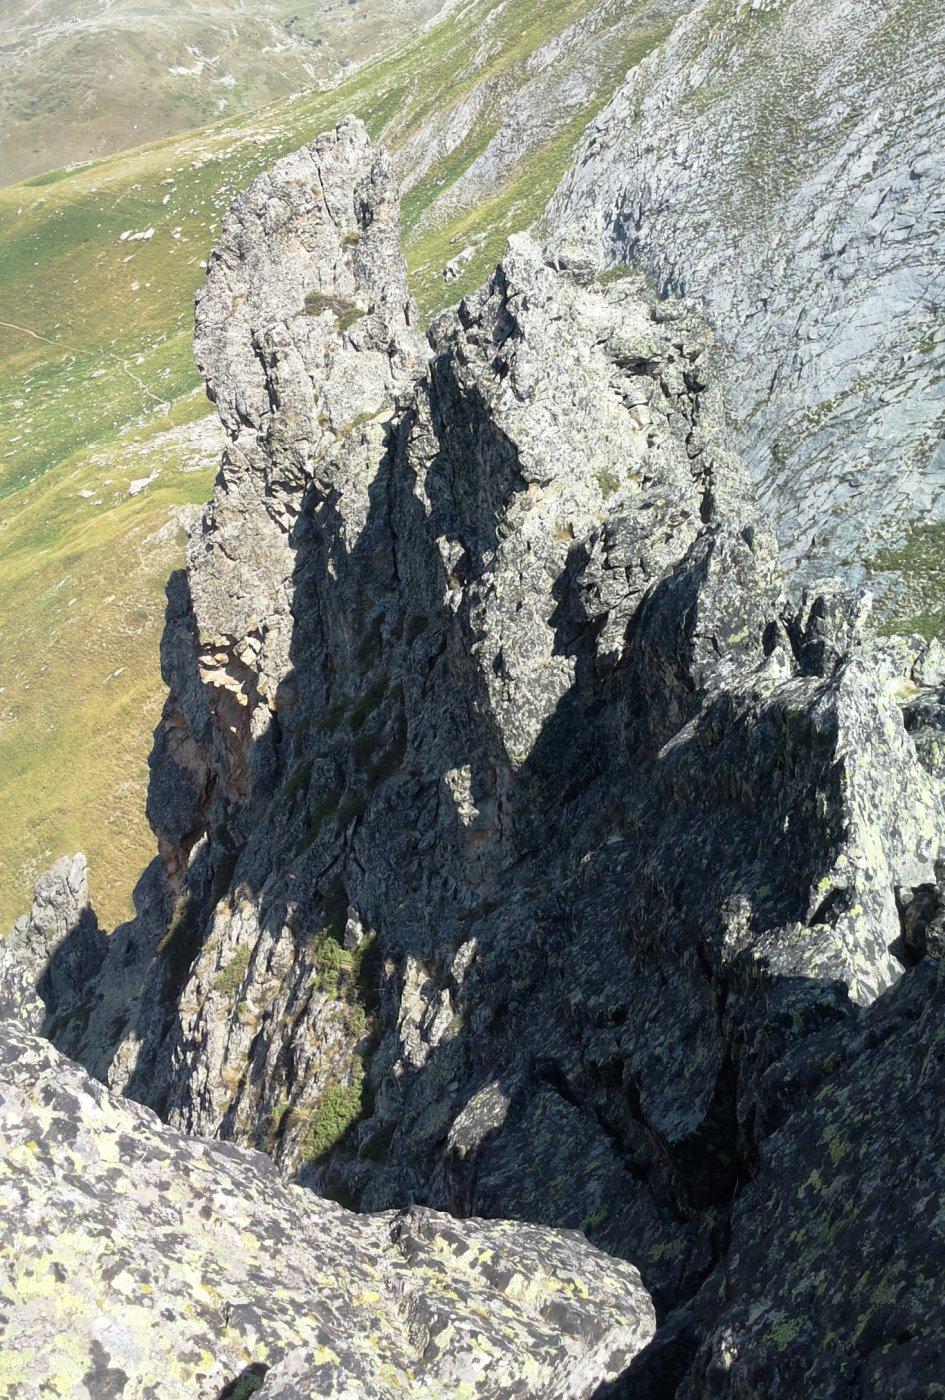 gli arditi pinnacoli della cresta